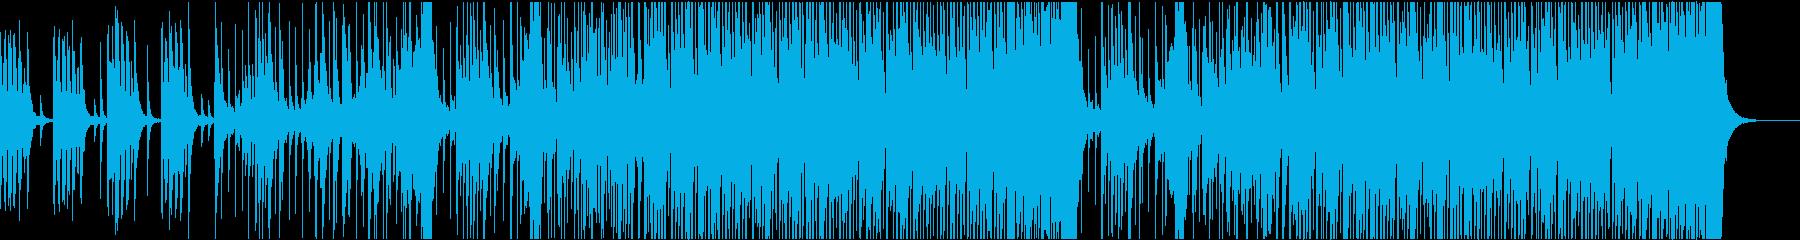 和太鼓、三味線、龍笛によるBGMの再生済みの波形